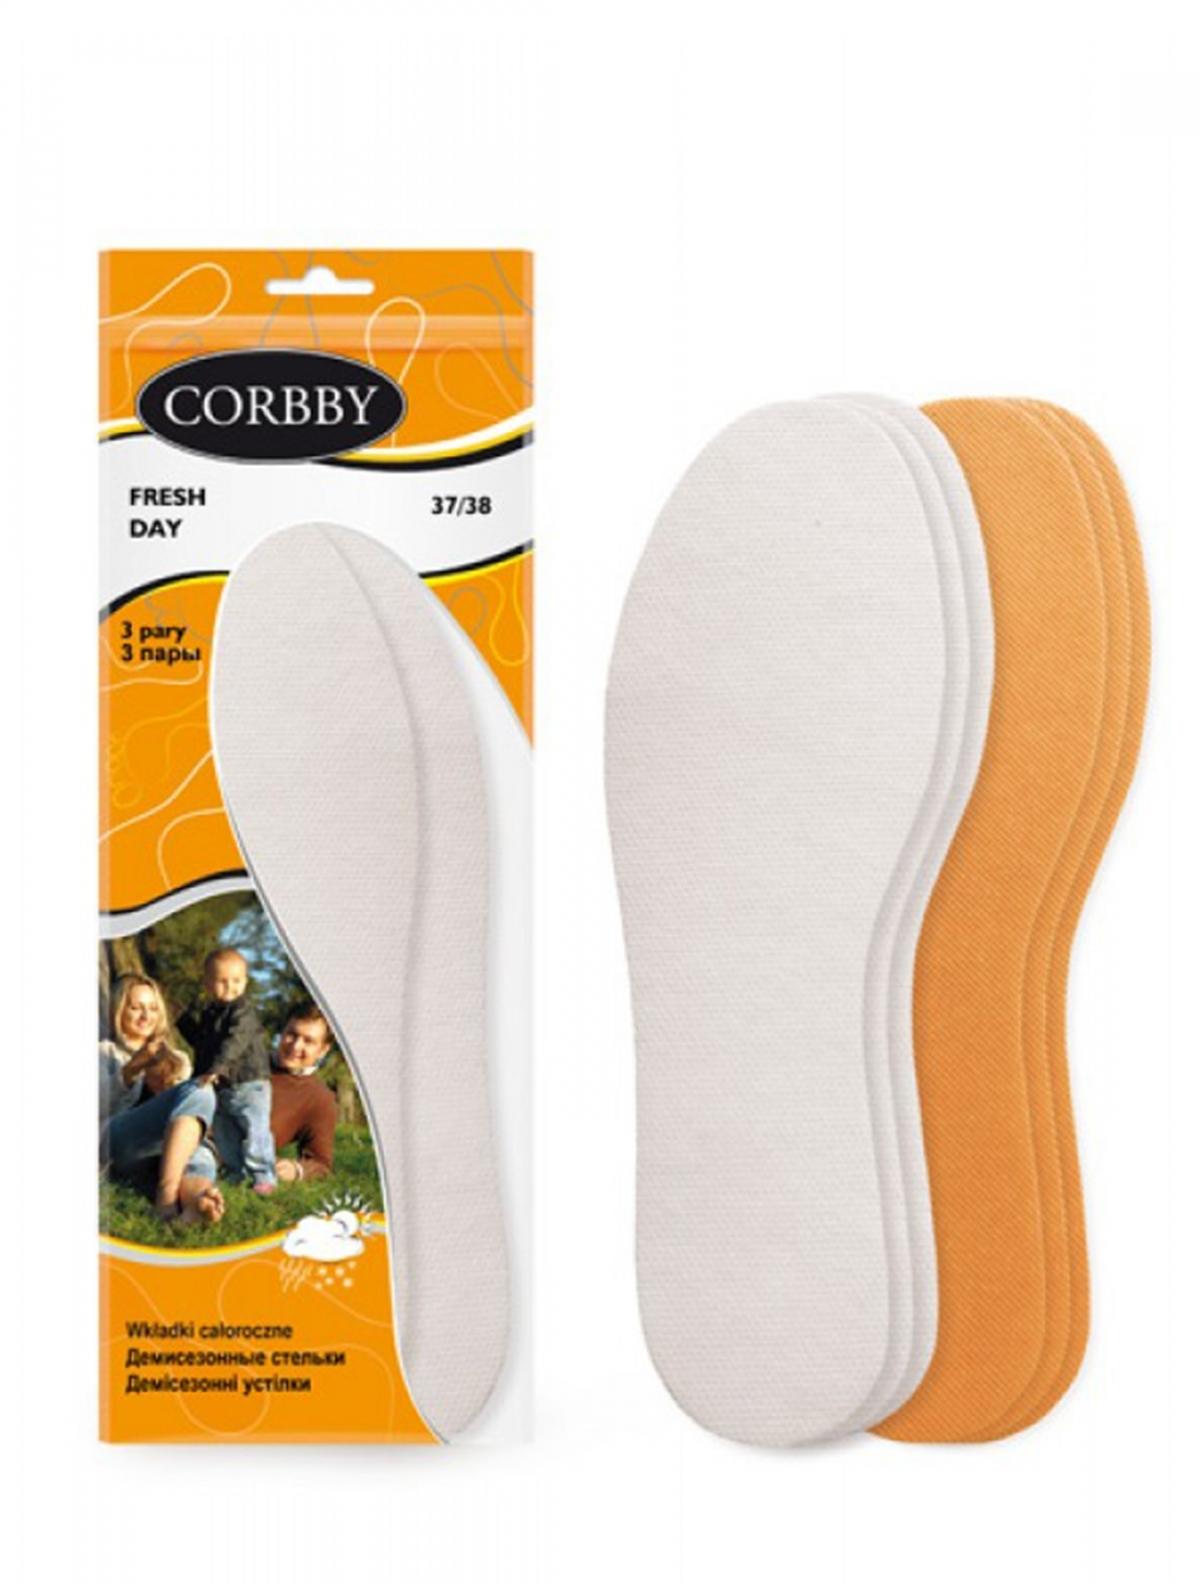 Corbby 1861С стельки демисезонные